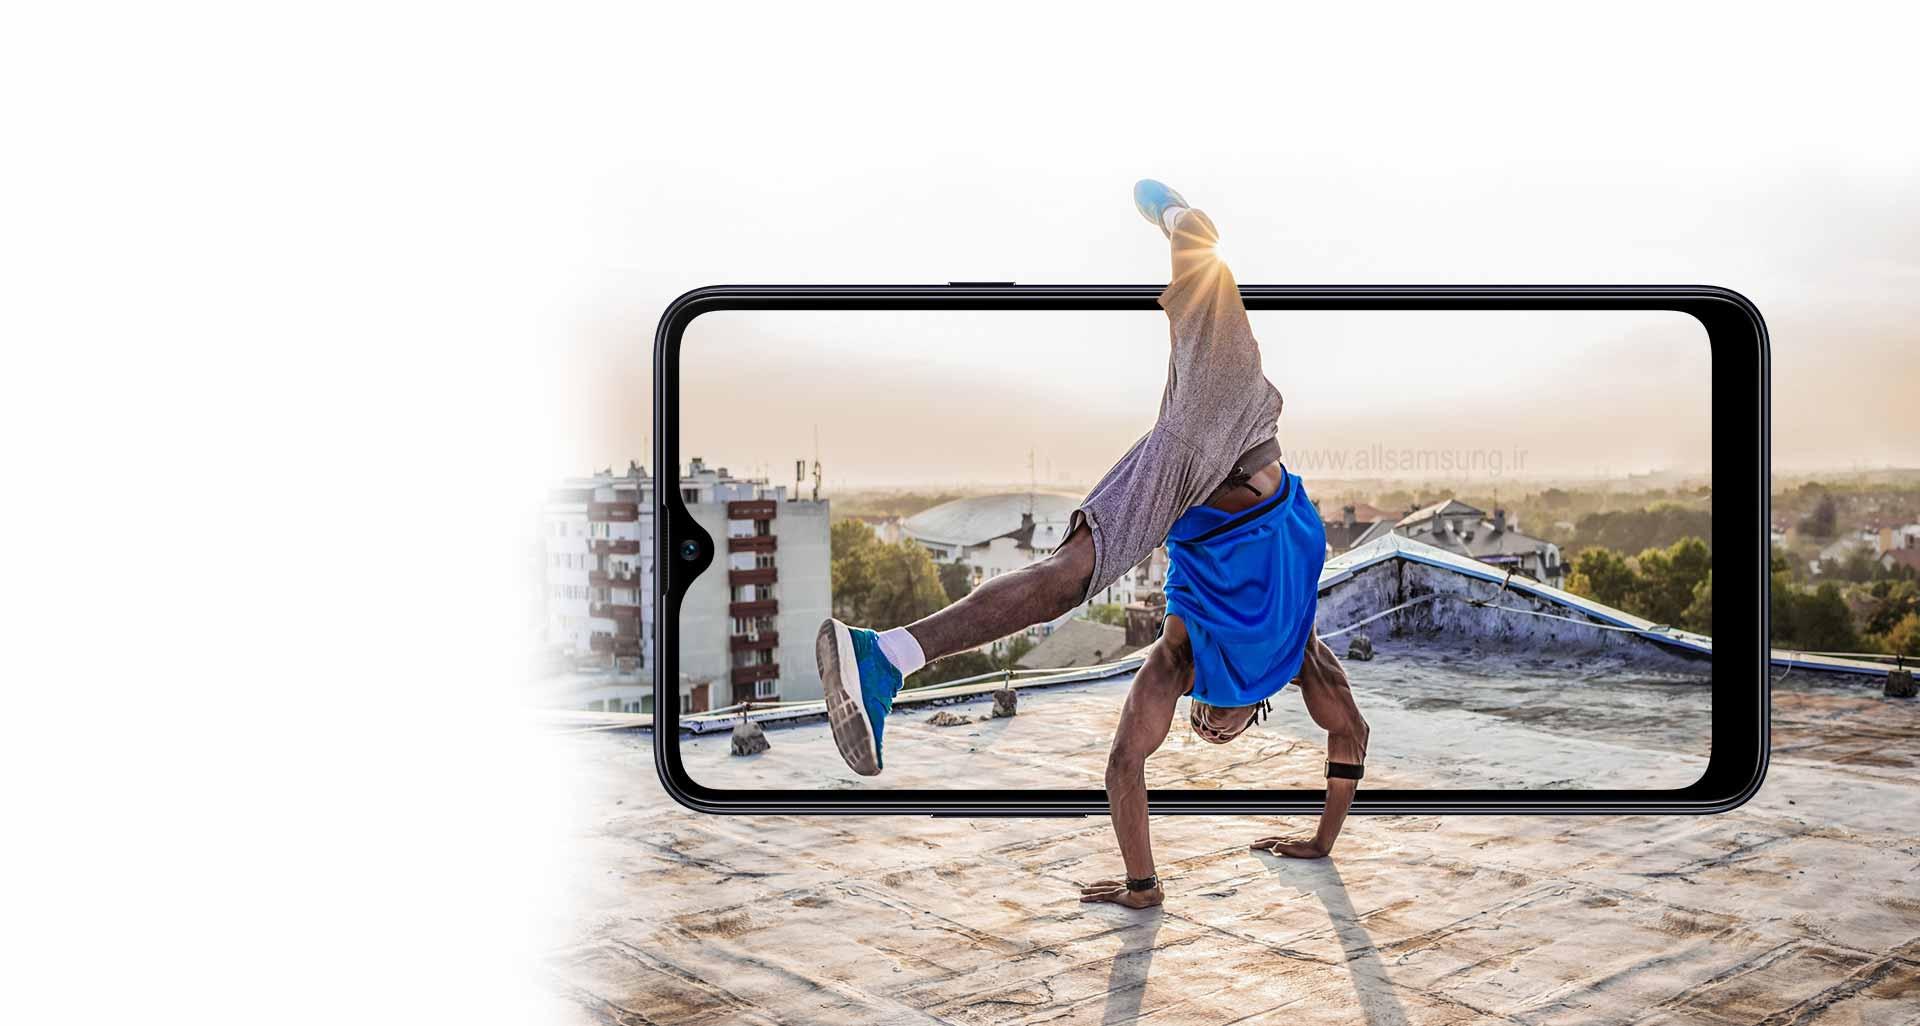 صفحه نمایش بزرگ Galaxy A20s برای خلق سرگرمی های بزرگ